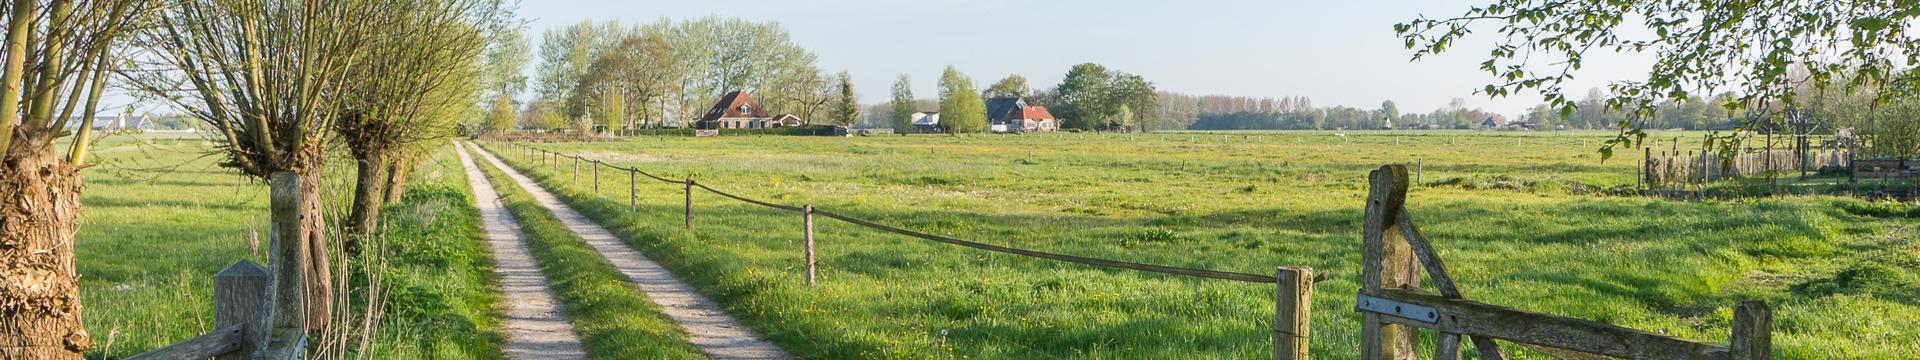 Makelaar Gemeente Opsterland